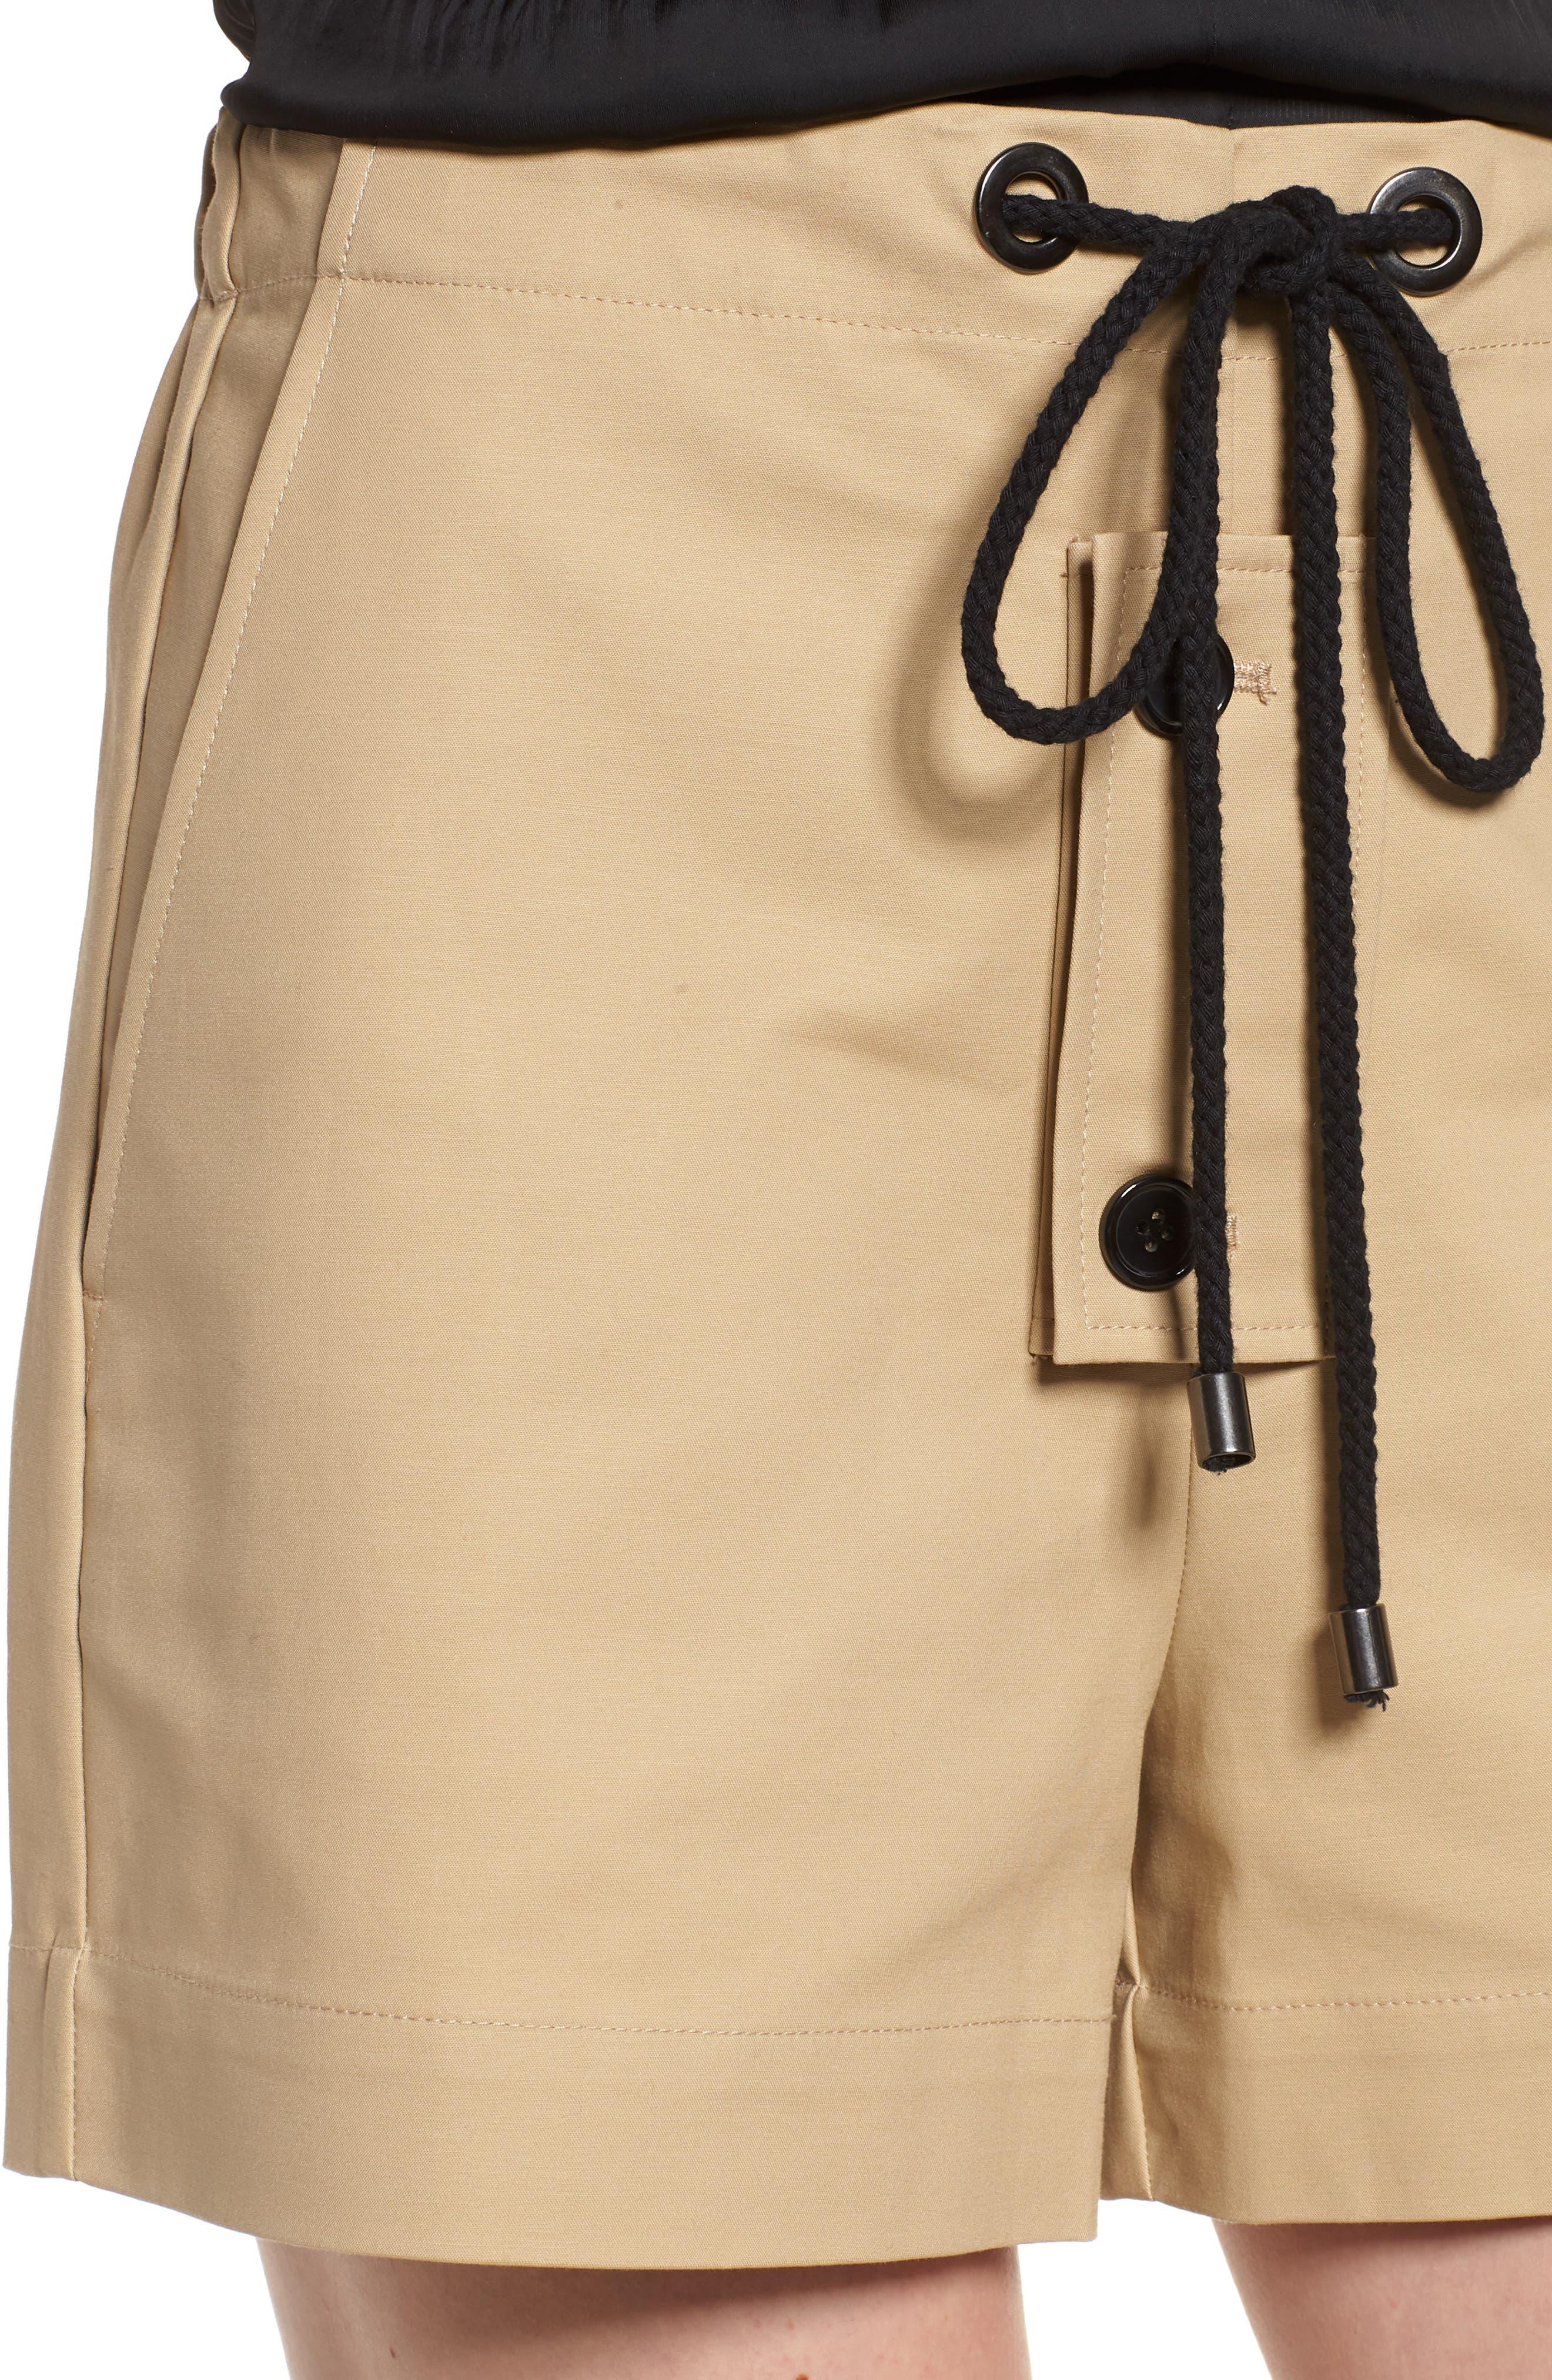 Park South Shorts,                             Alternate thumbnail 4, color,                             Beige